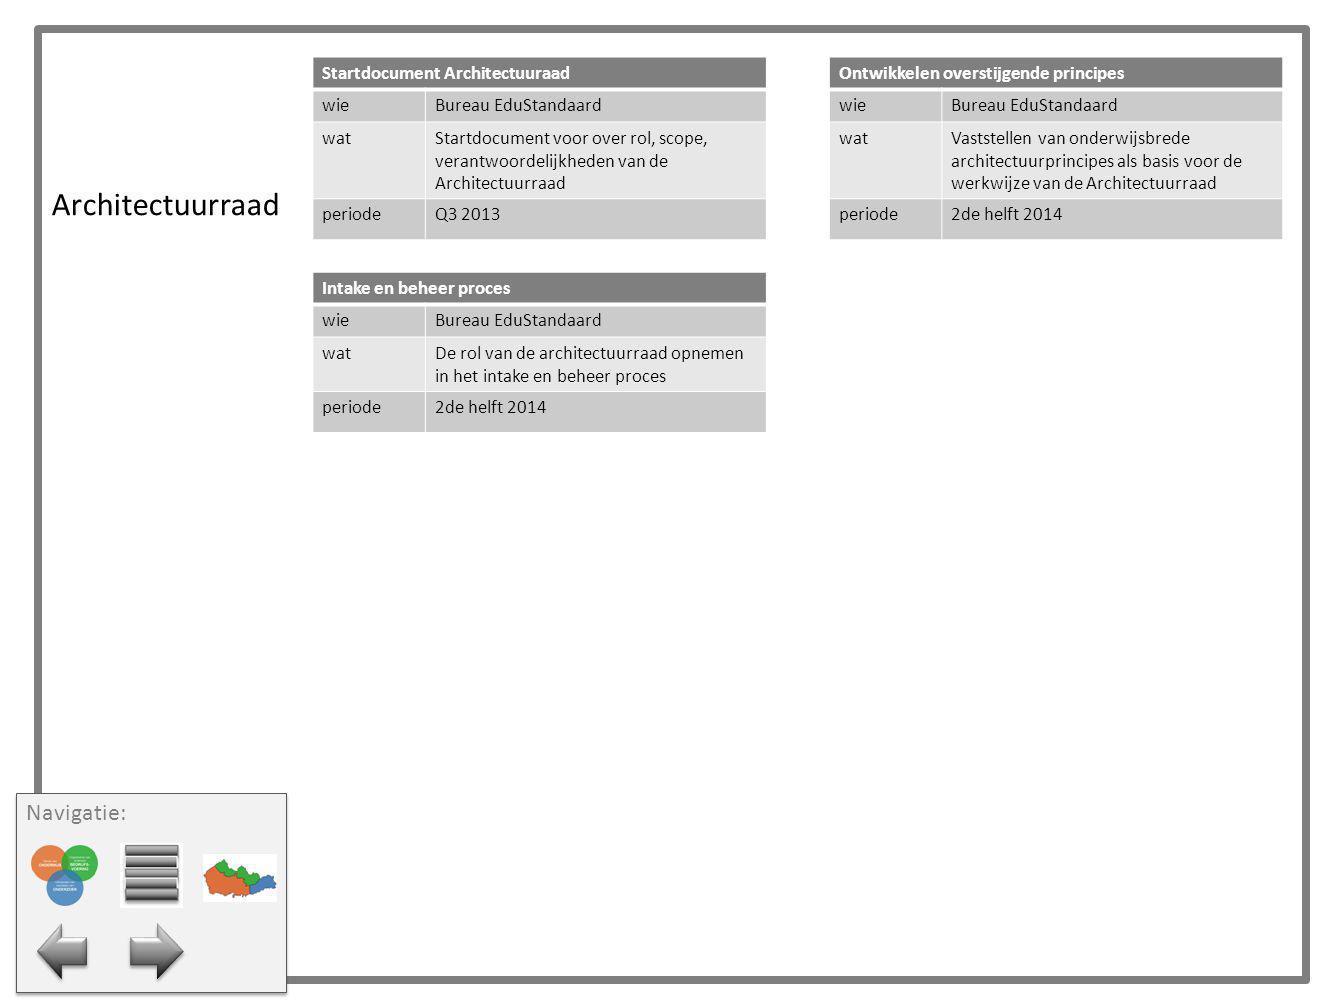 Architectuurraad Intake en beheer proces wieBureau EduStandaard watDe rol van de architectuurraad opnemen in het intake en beheer proces periode2de he